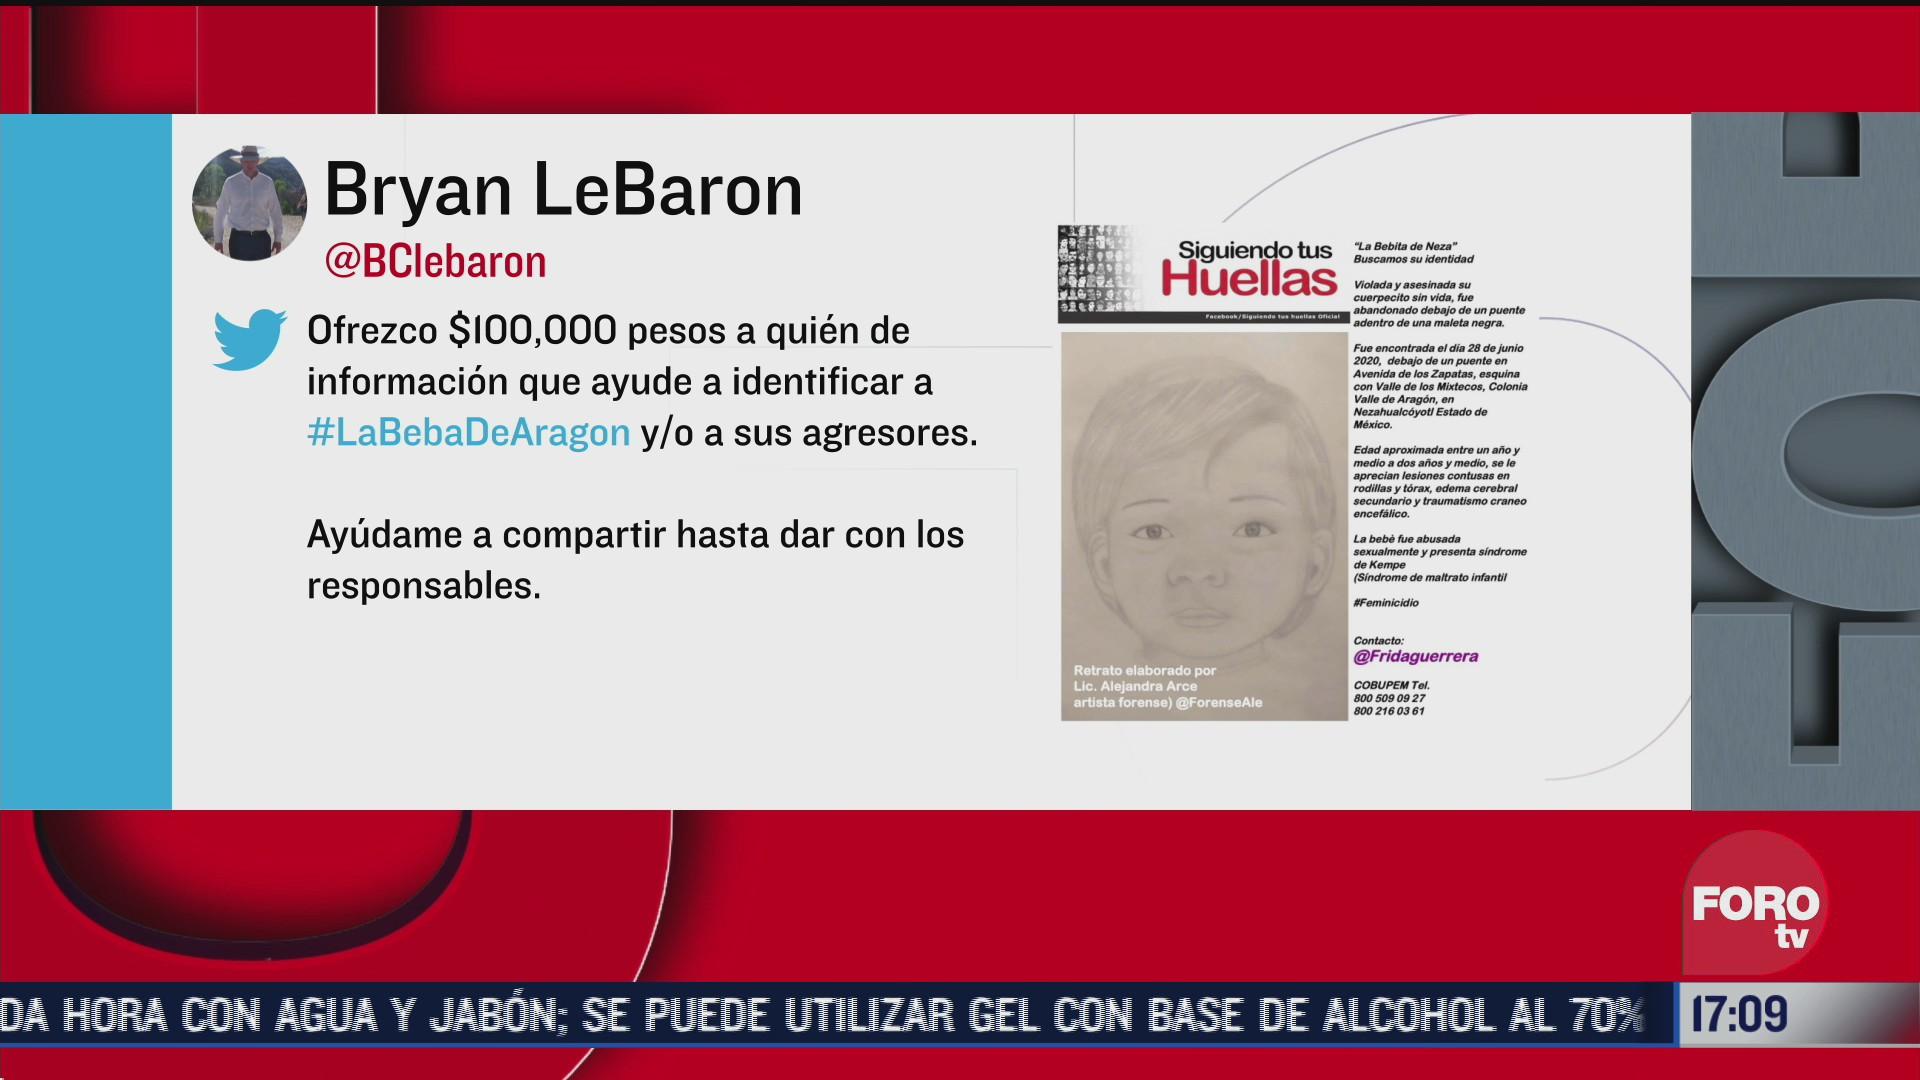 bryan lebaron ofrece 100 mil pesos por identificar a los agresores de una nina encontrada muerta en edomex